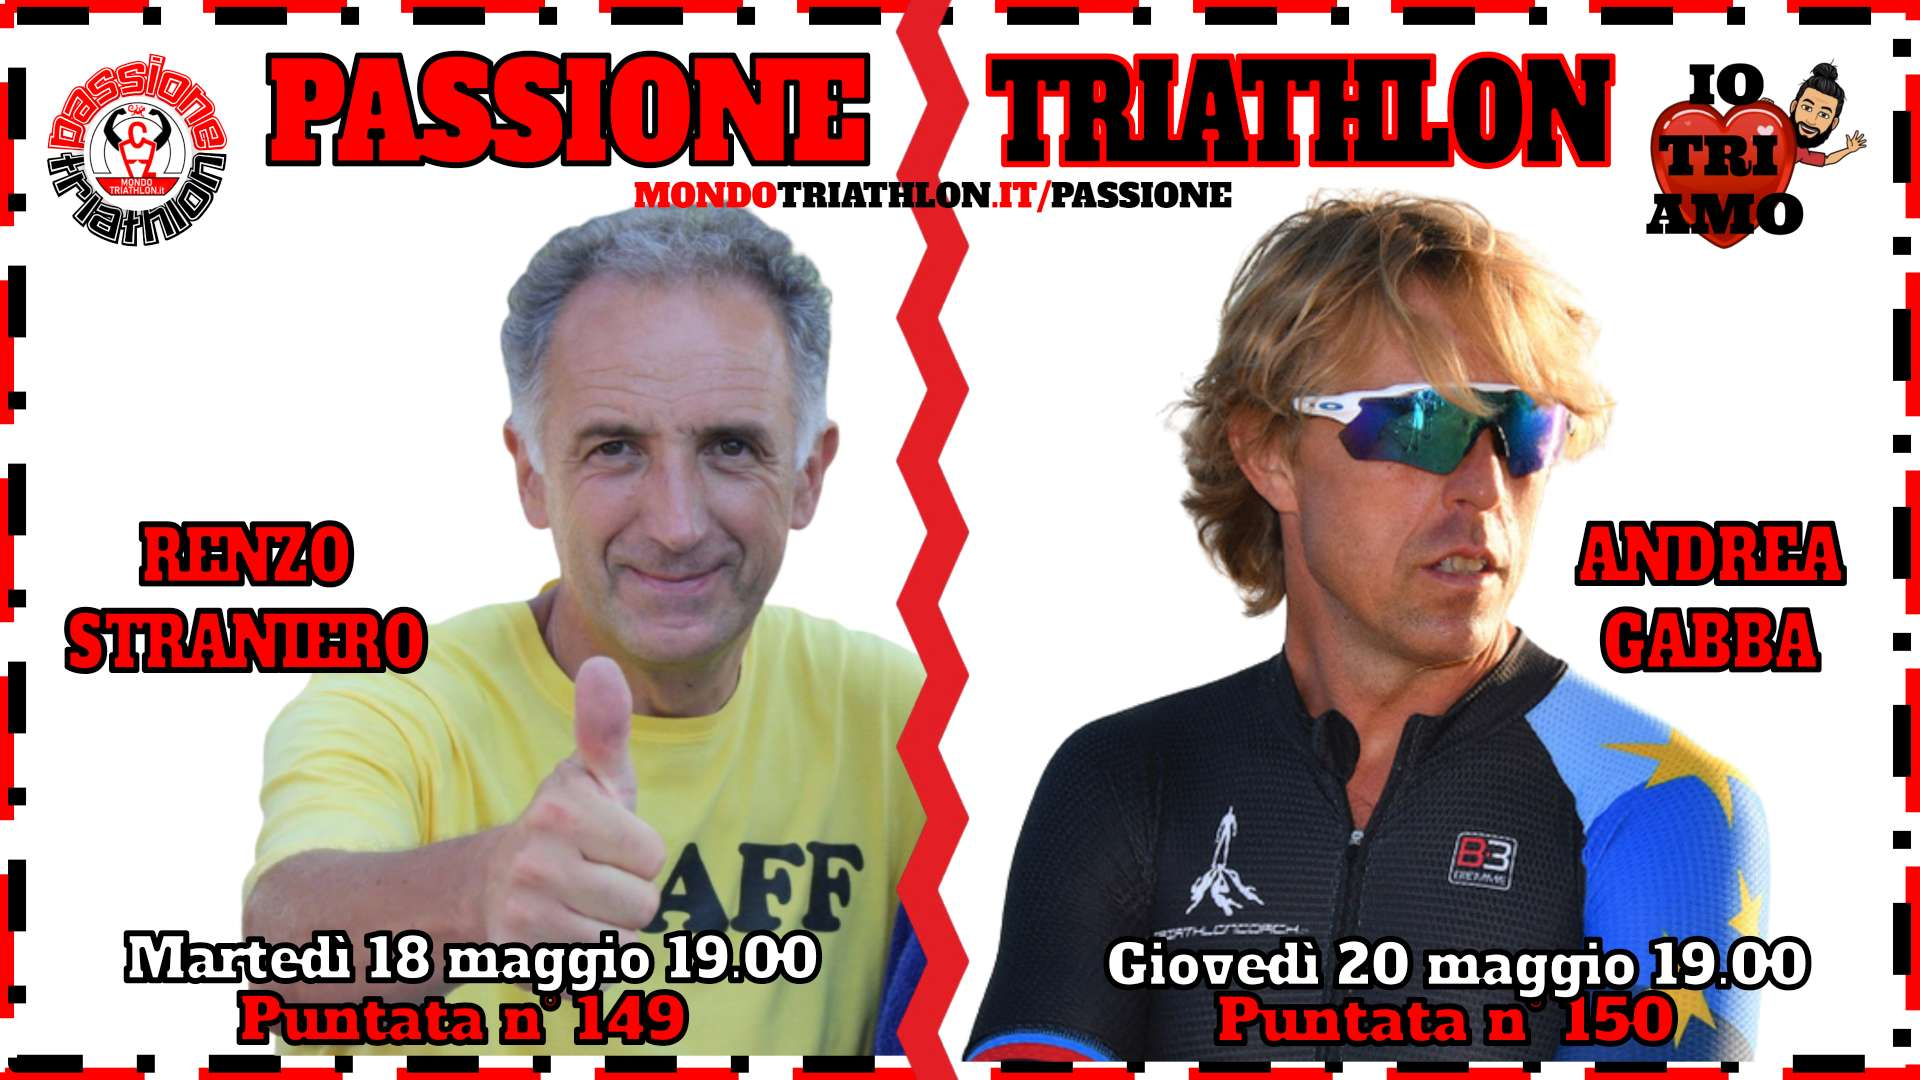 Passione Triathlon Protagonisti 18 e 20 maggio 2021